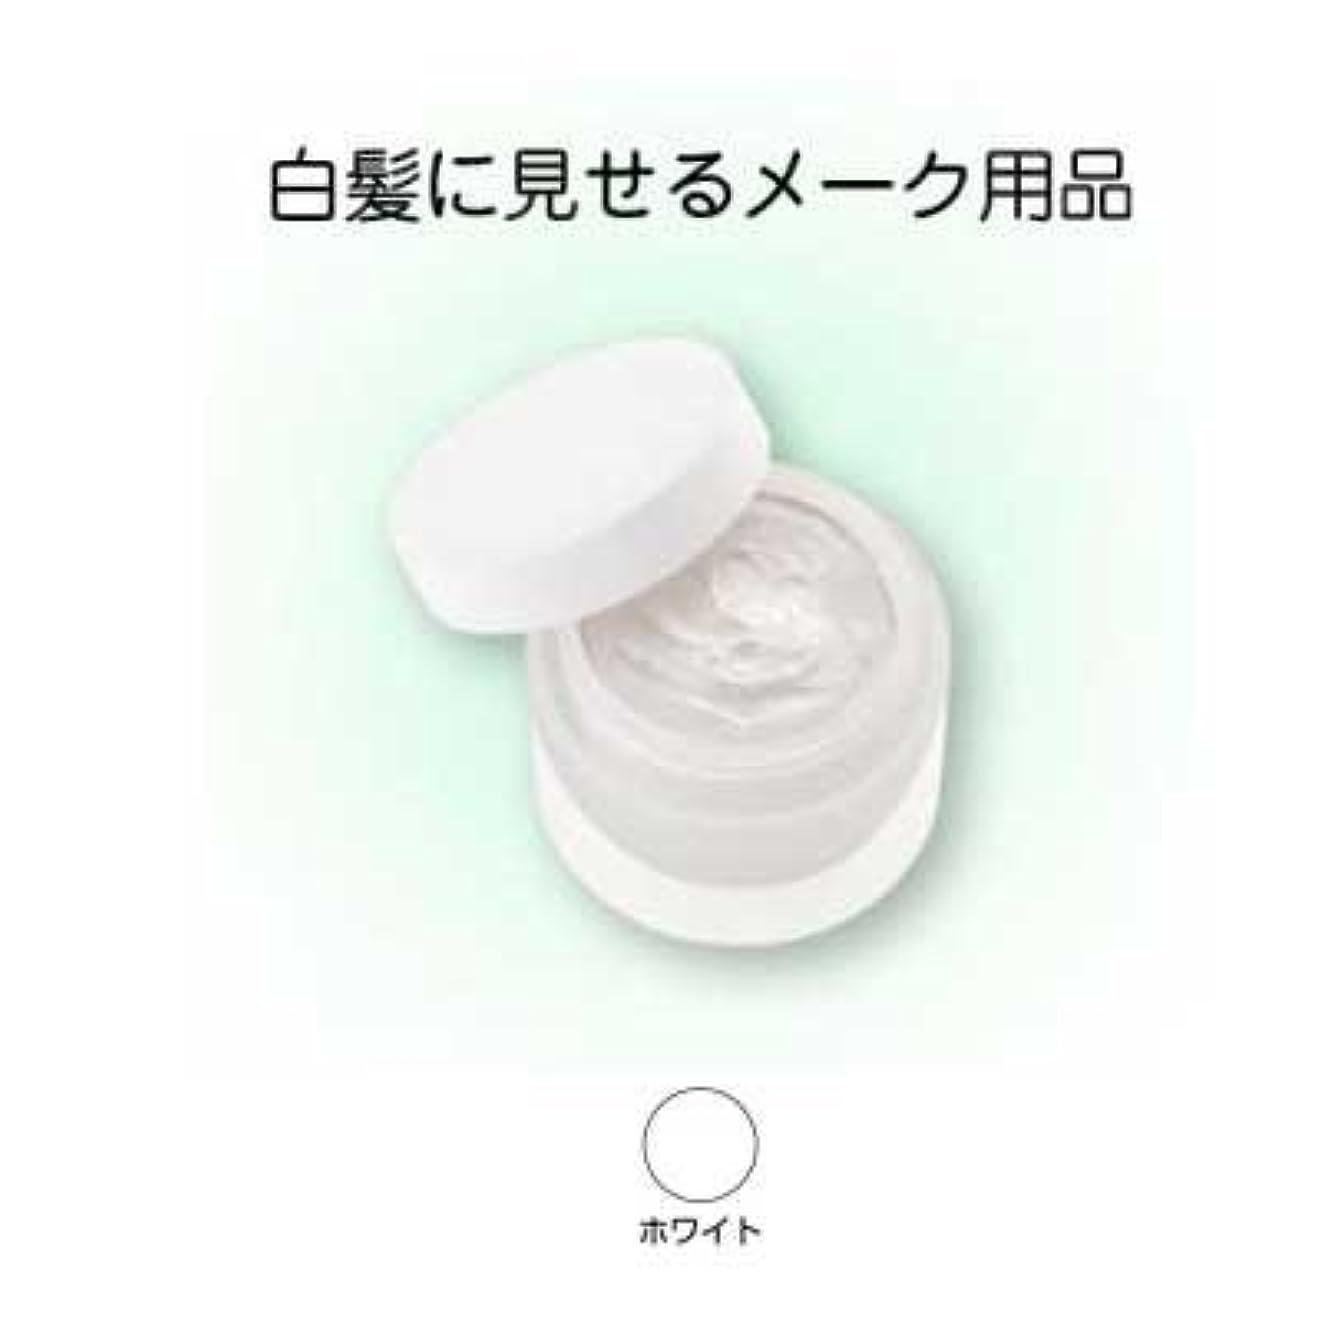 キャッチマーキー人気ヘアシルバー 33g ホワイト【三善】